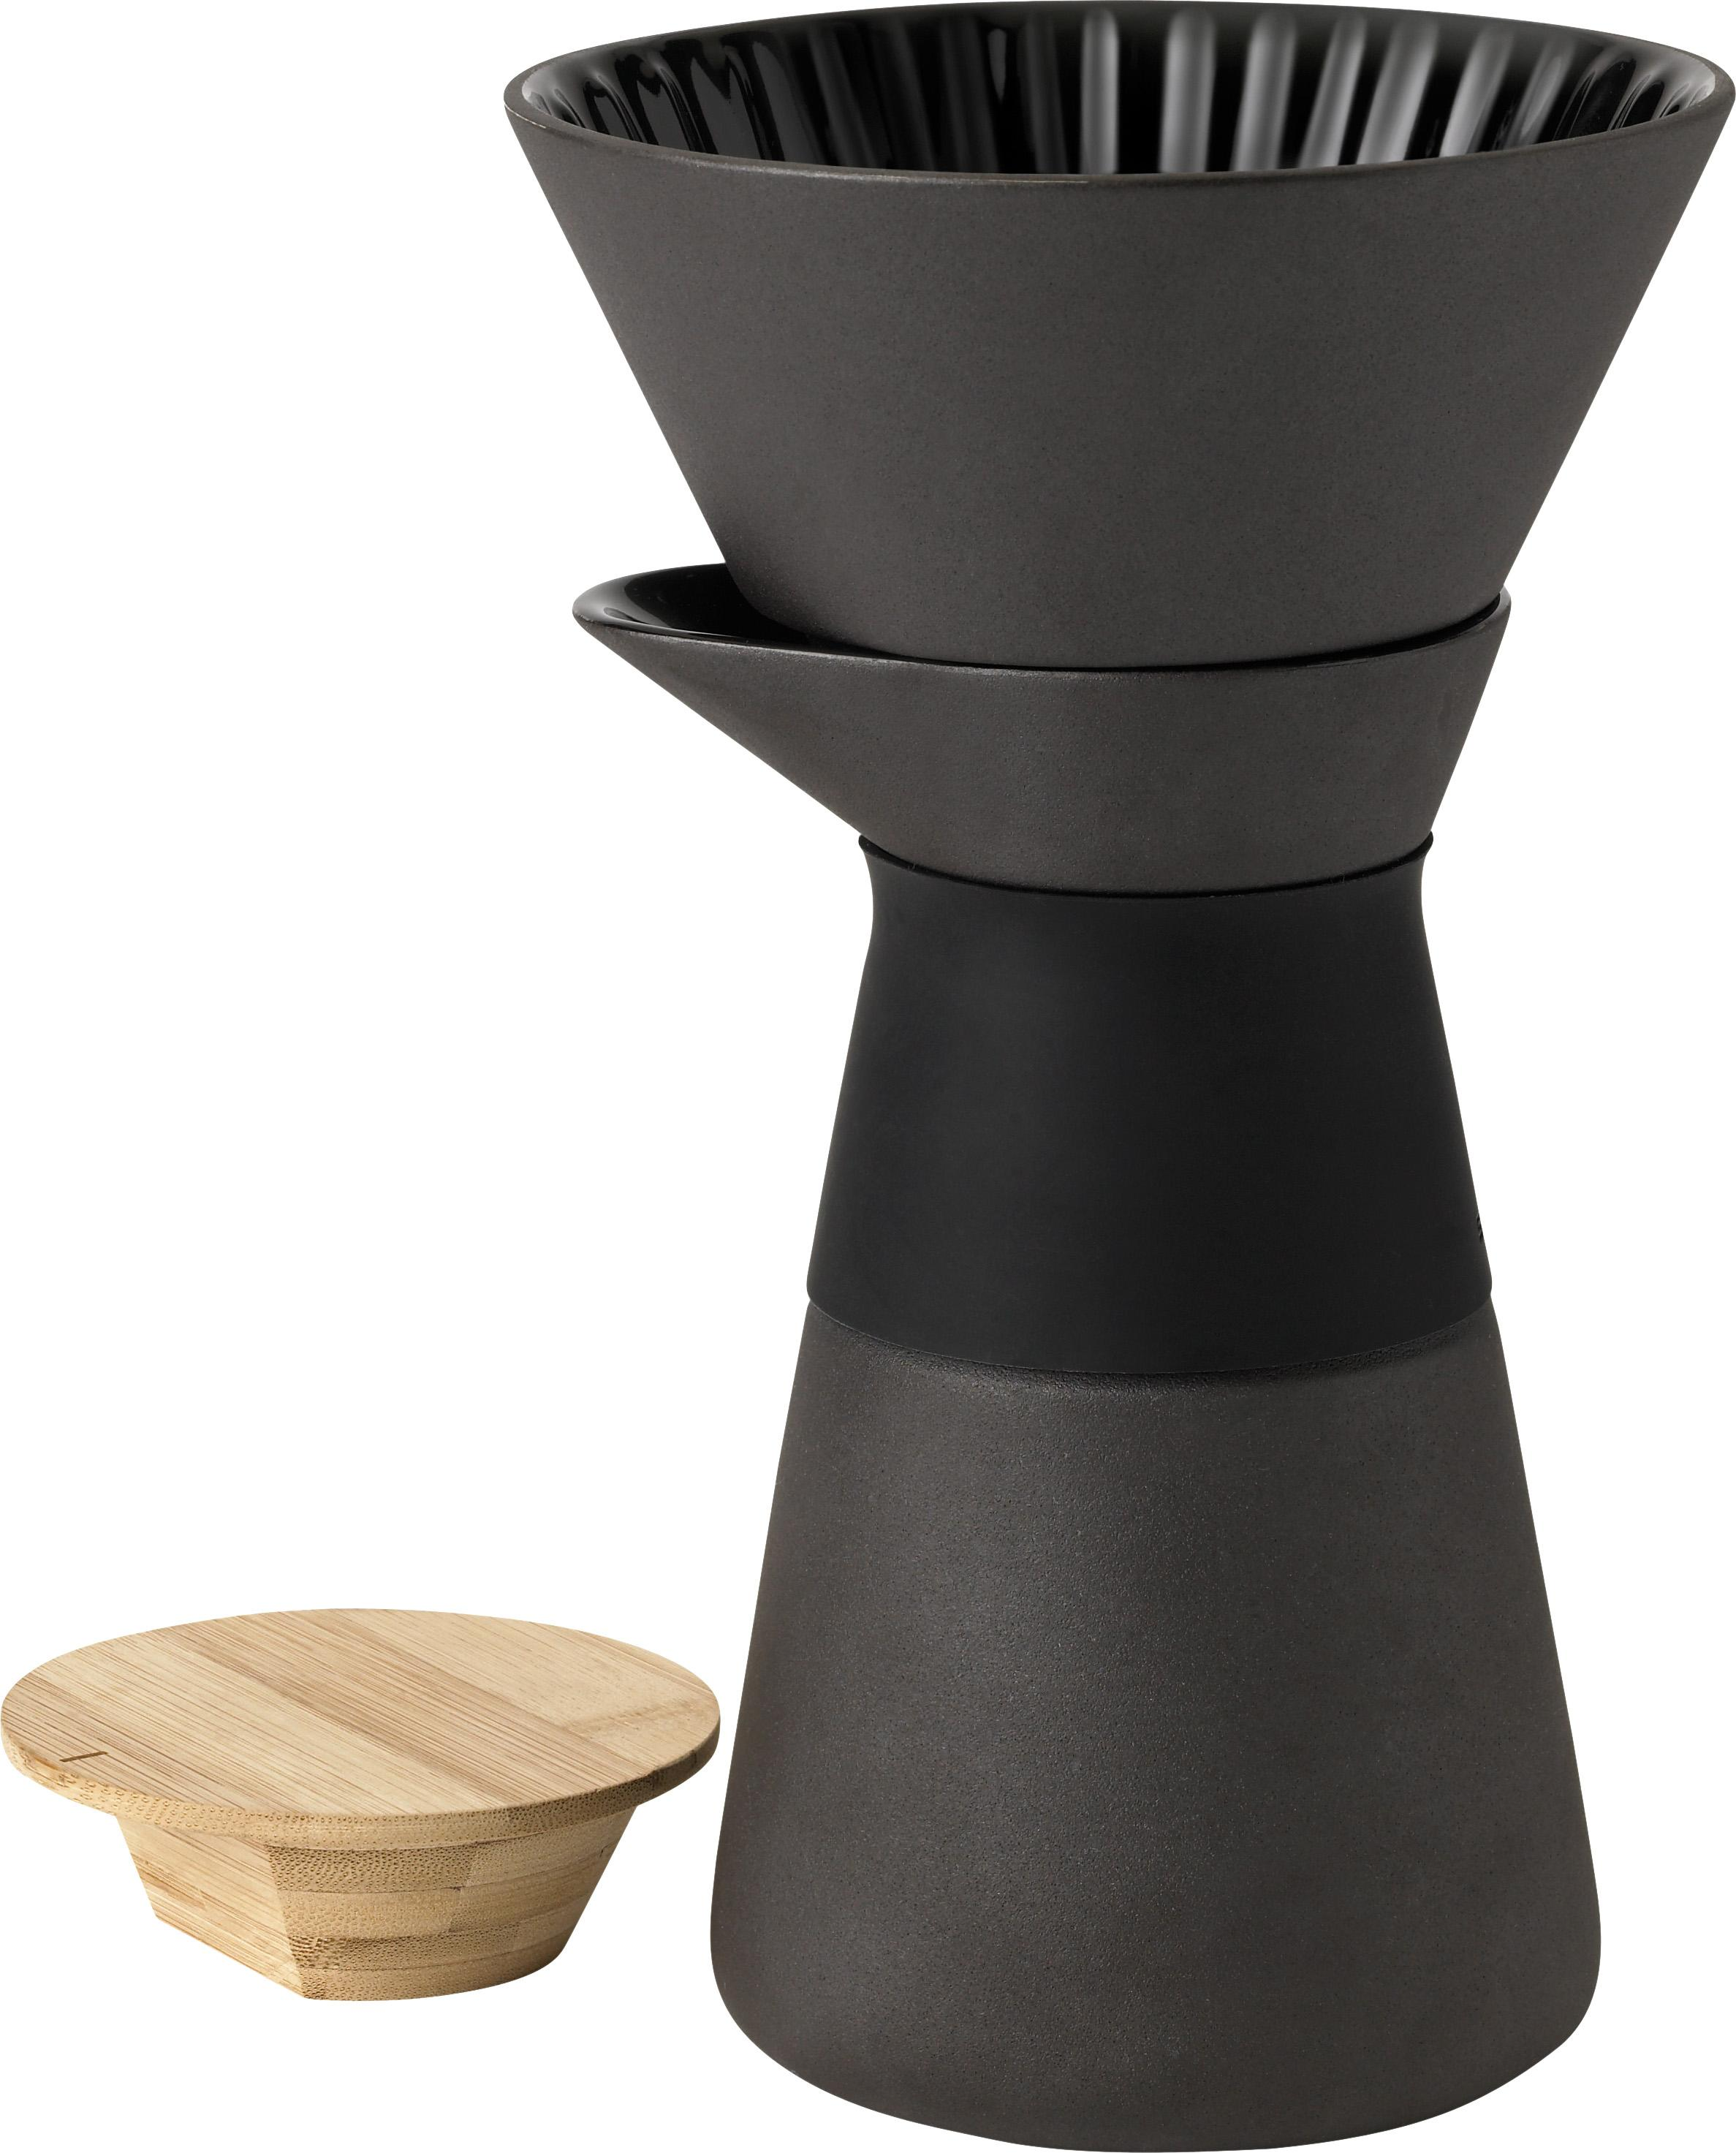 Caffettiera Theo, Coperchio: legno di bambù, Manico: termoisolante silicone, Nero, 500 ml